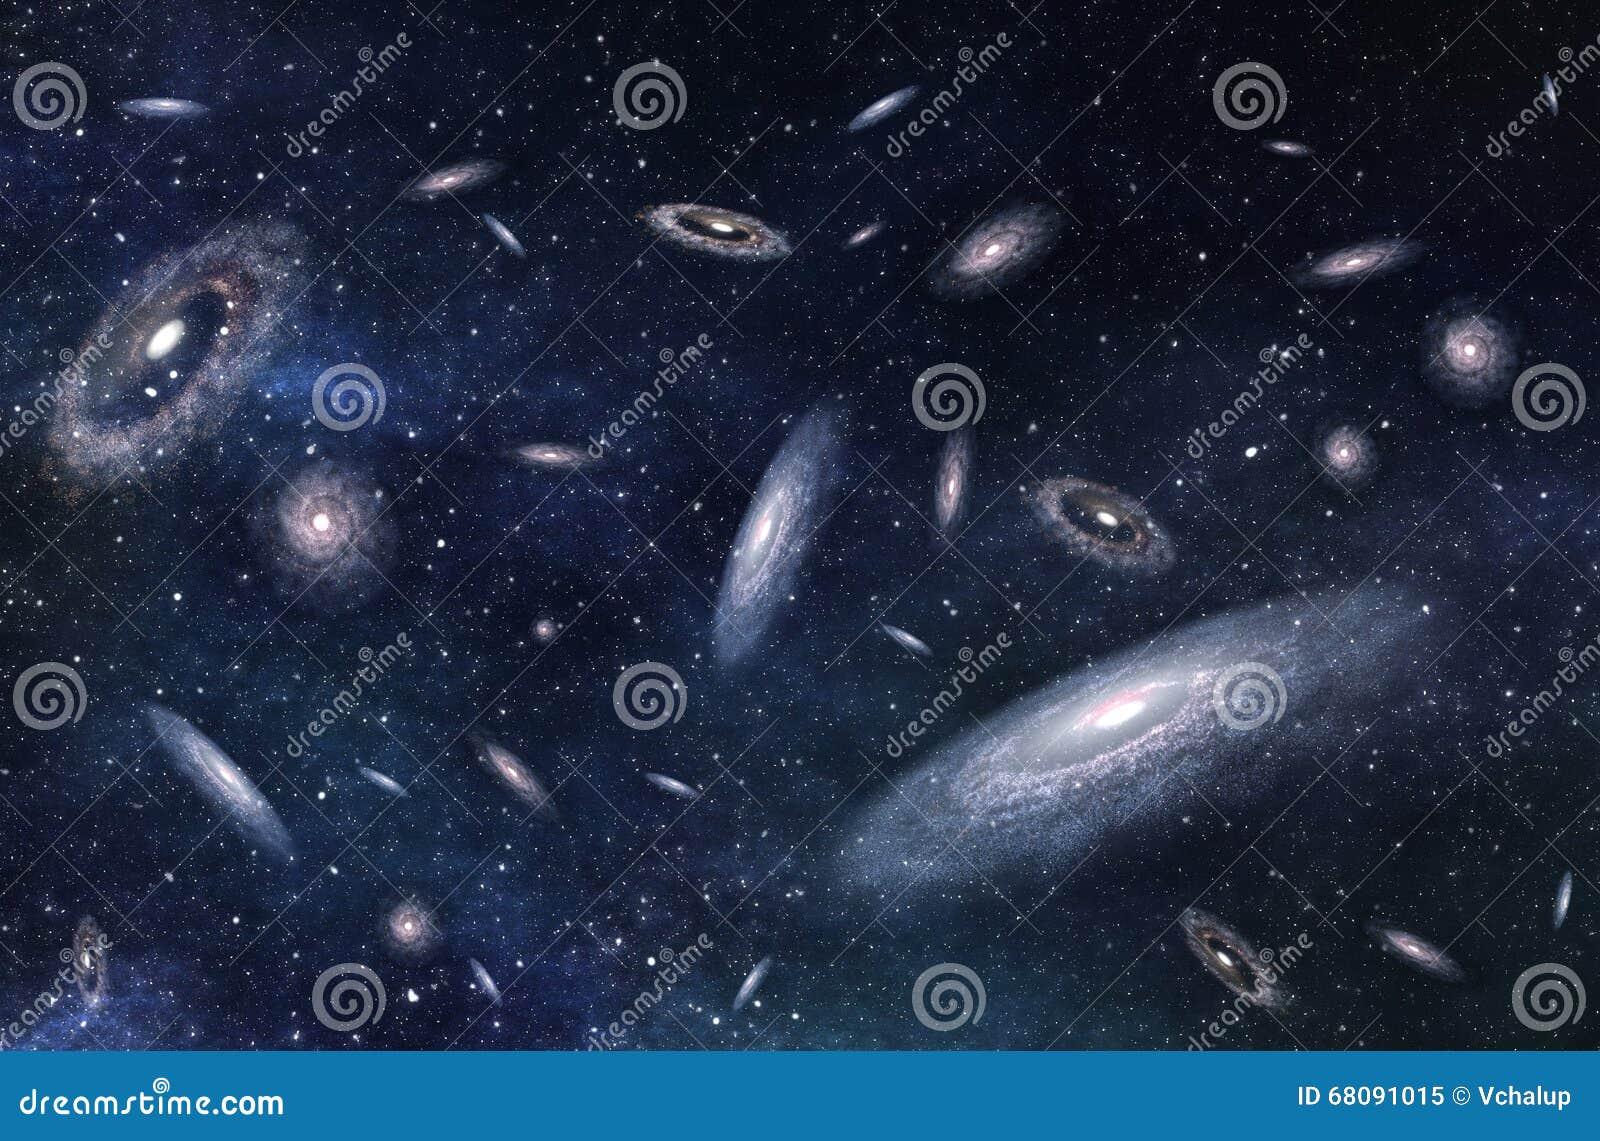 Estructura en grande de galaxias múltiples en universo profundo ilustración 3D